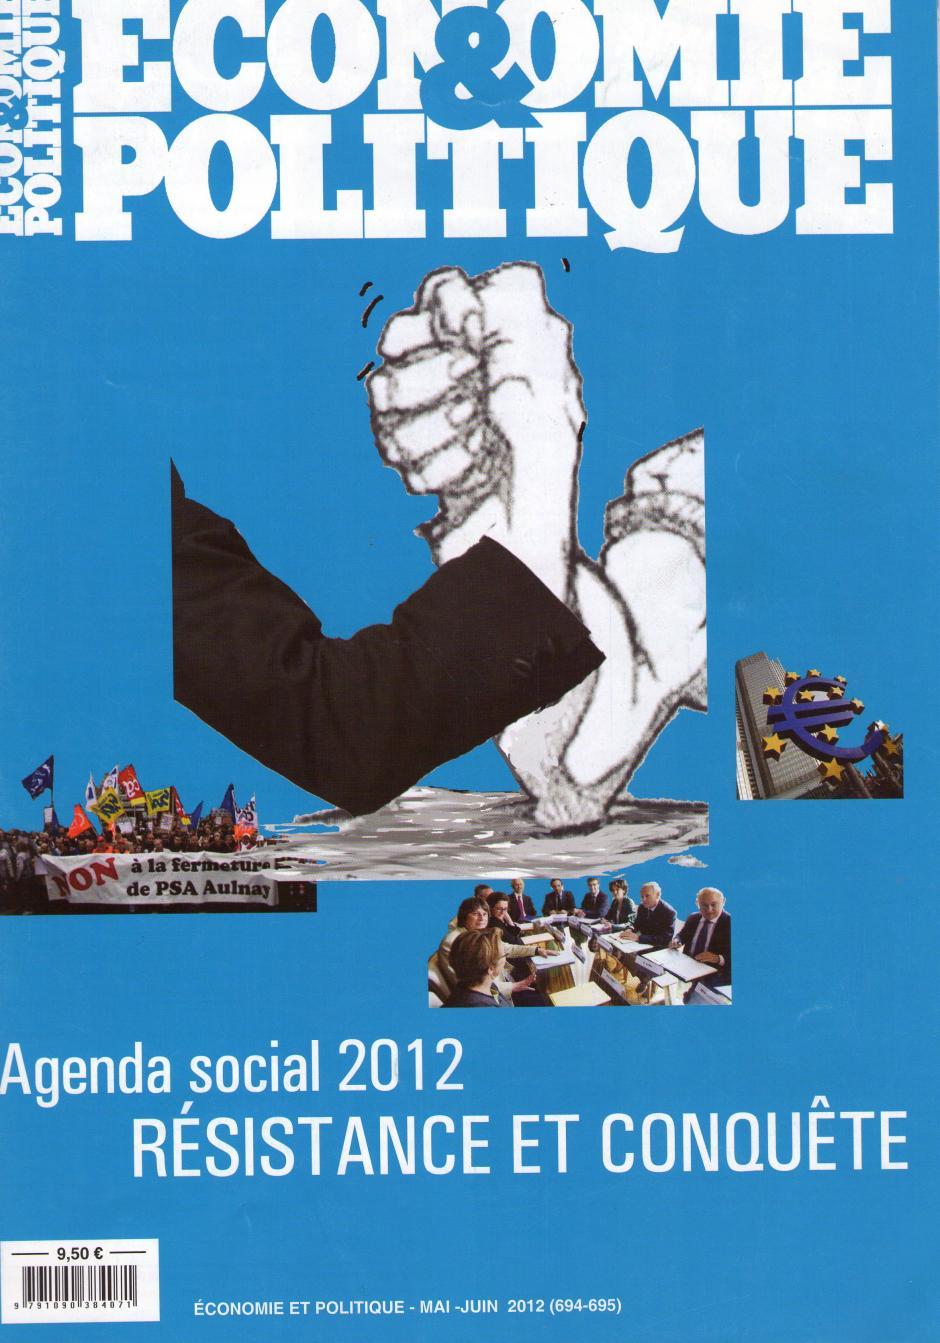 Economie & Politique - Mai-juin 2012 - N° en libre accès